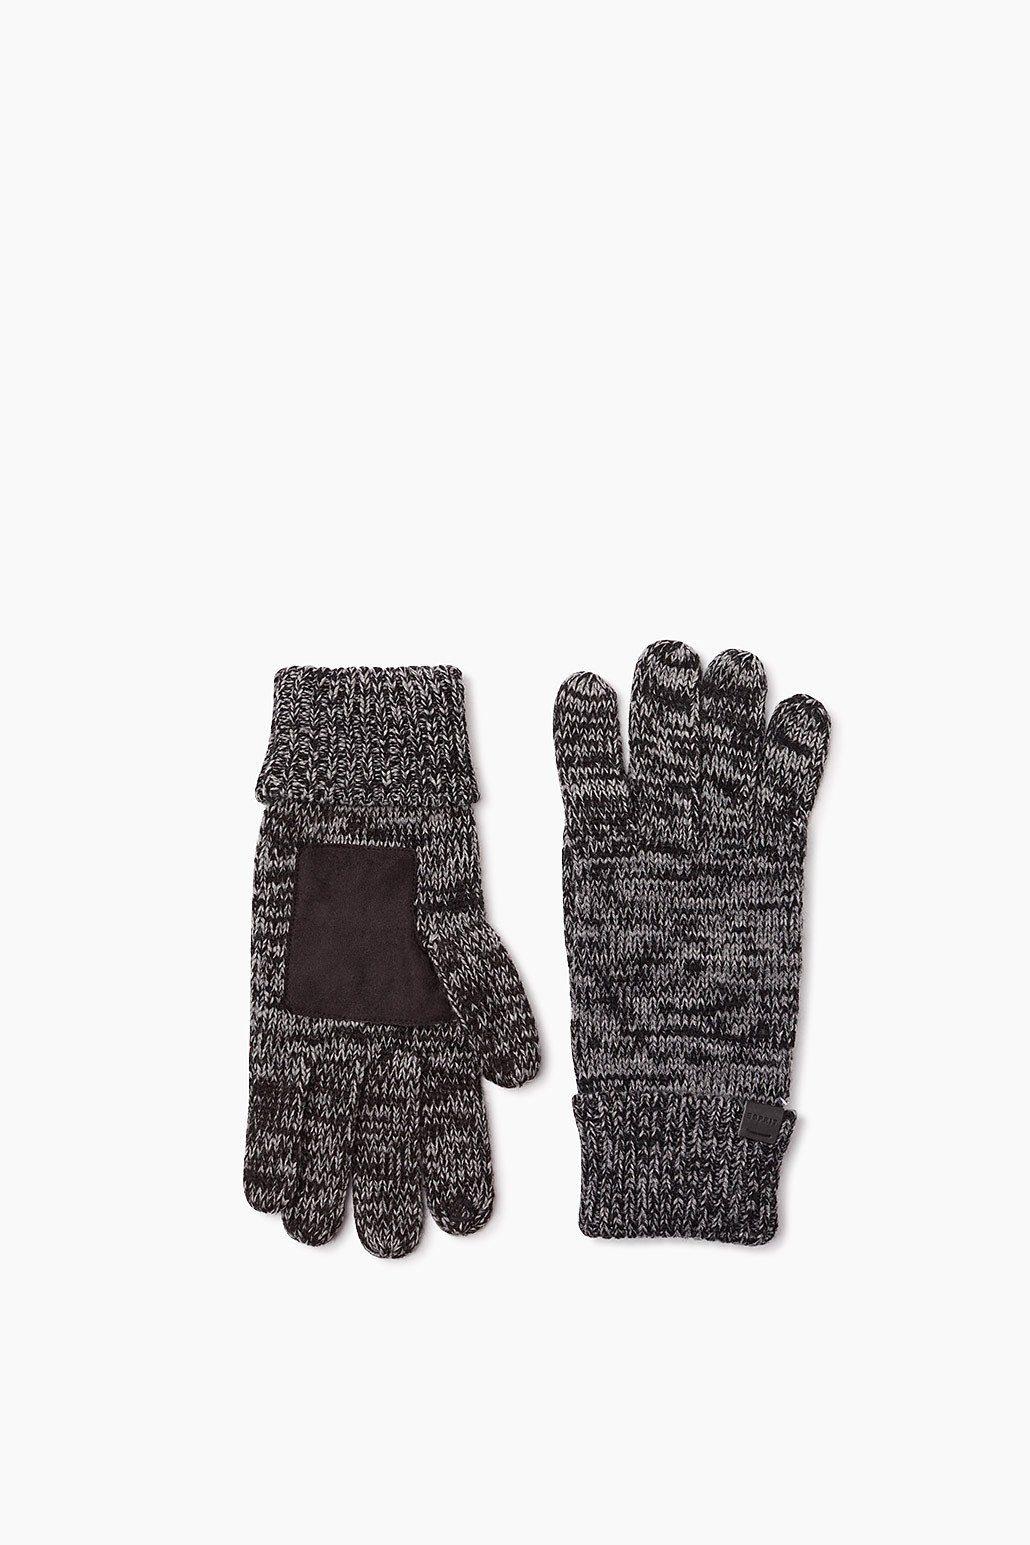 ESPRIT CASUAL Touchscreen Strickhandschuhe mit Besatz